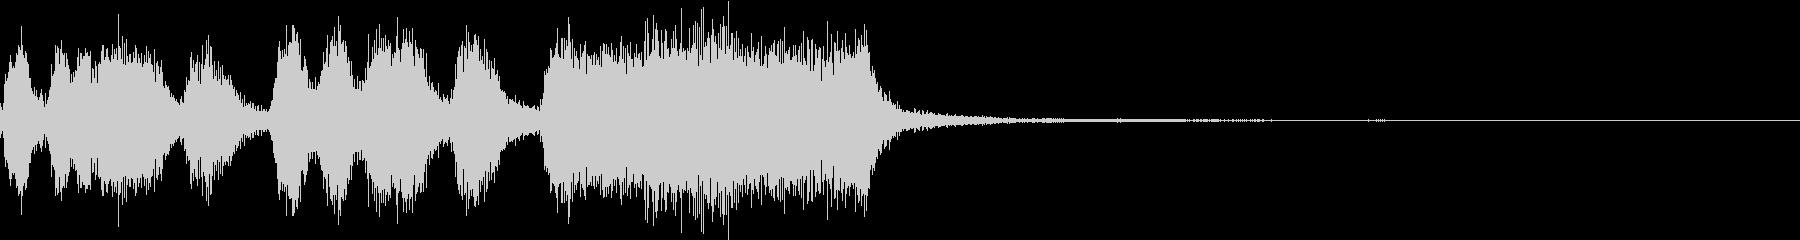 シンプル ファンファーレ 成功 完成 Eの未再生の波形